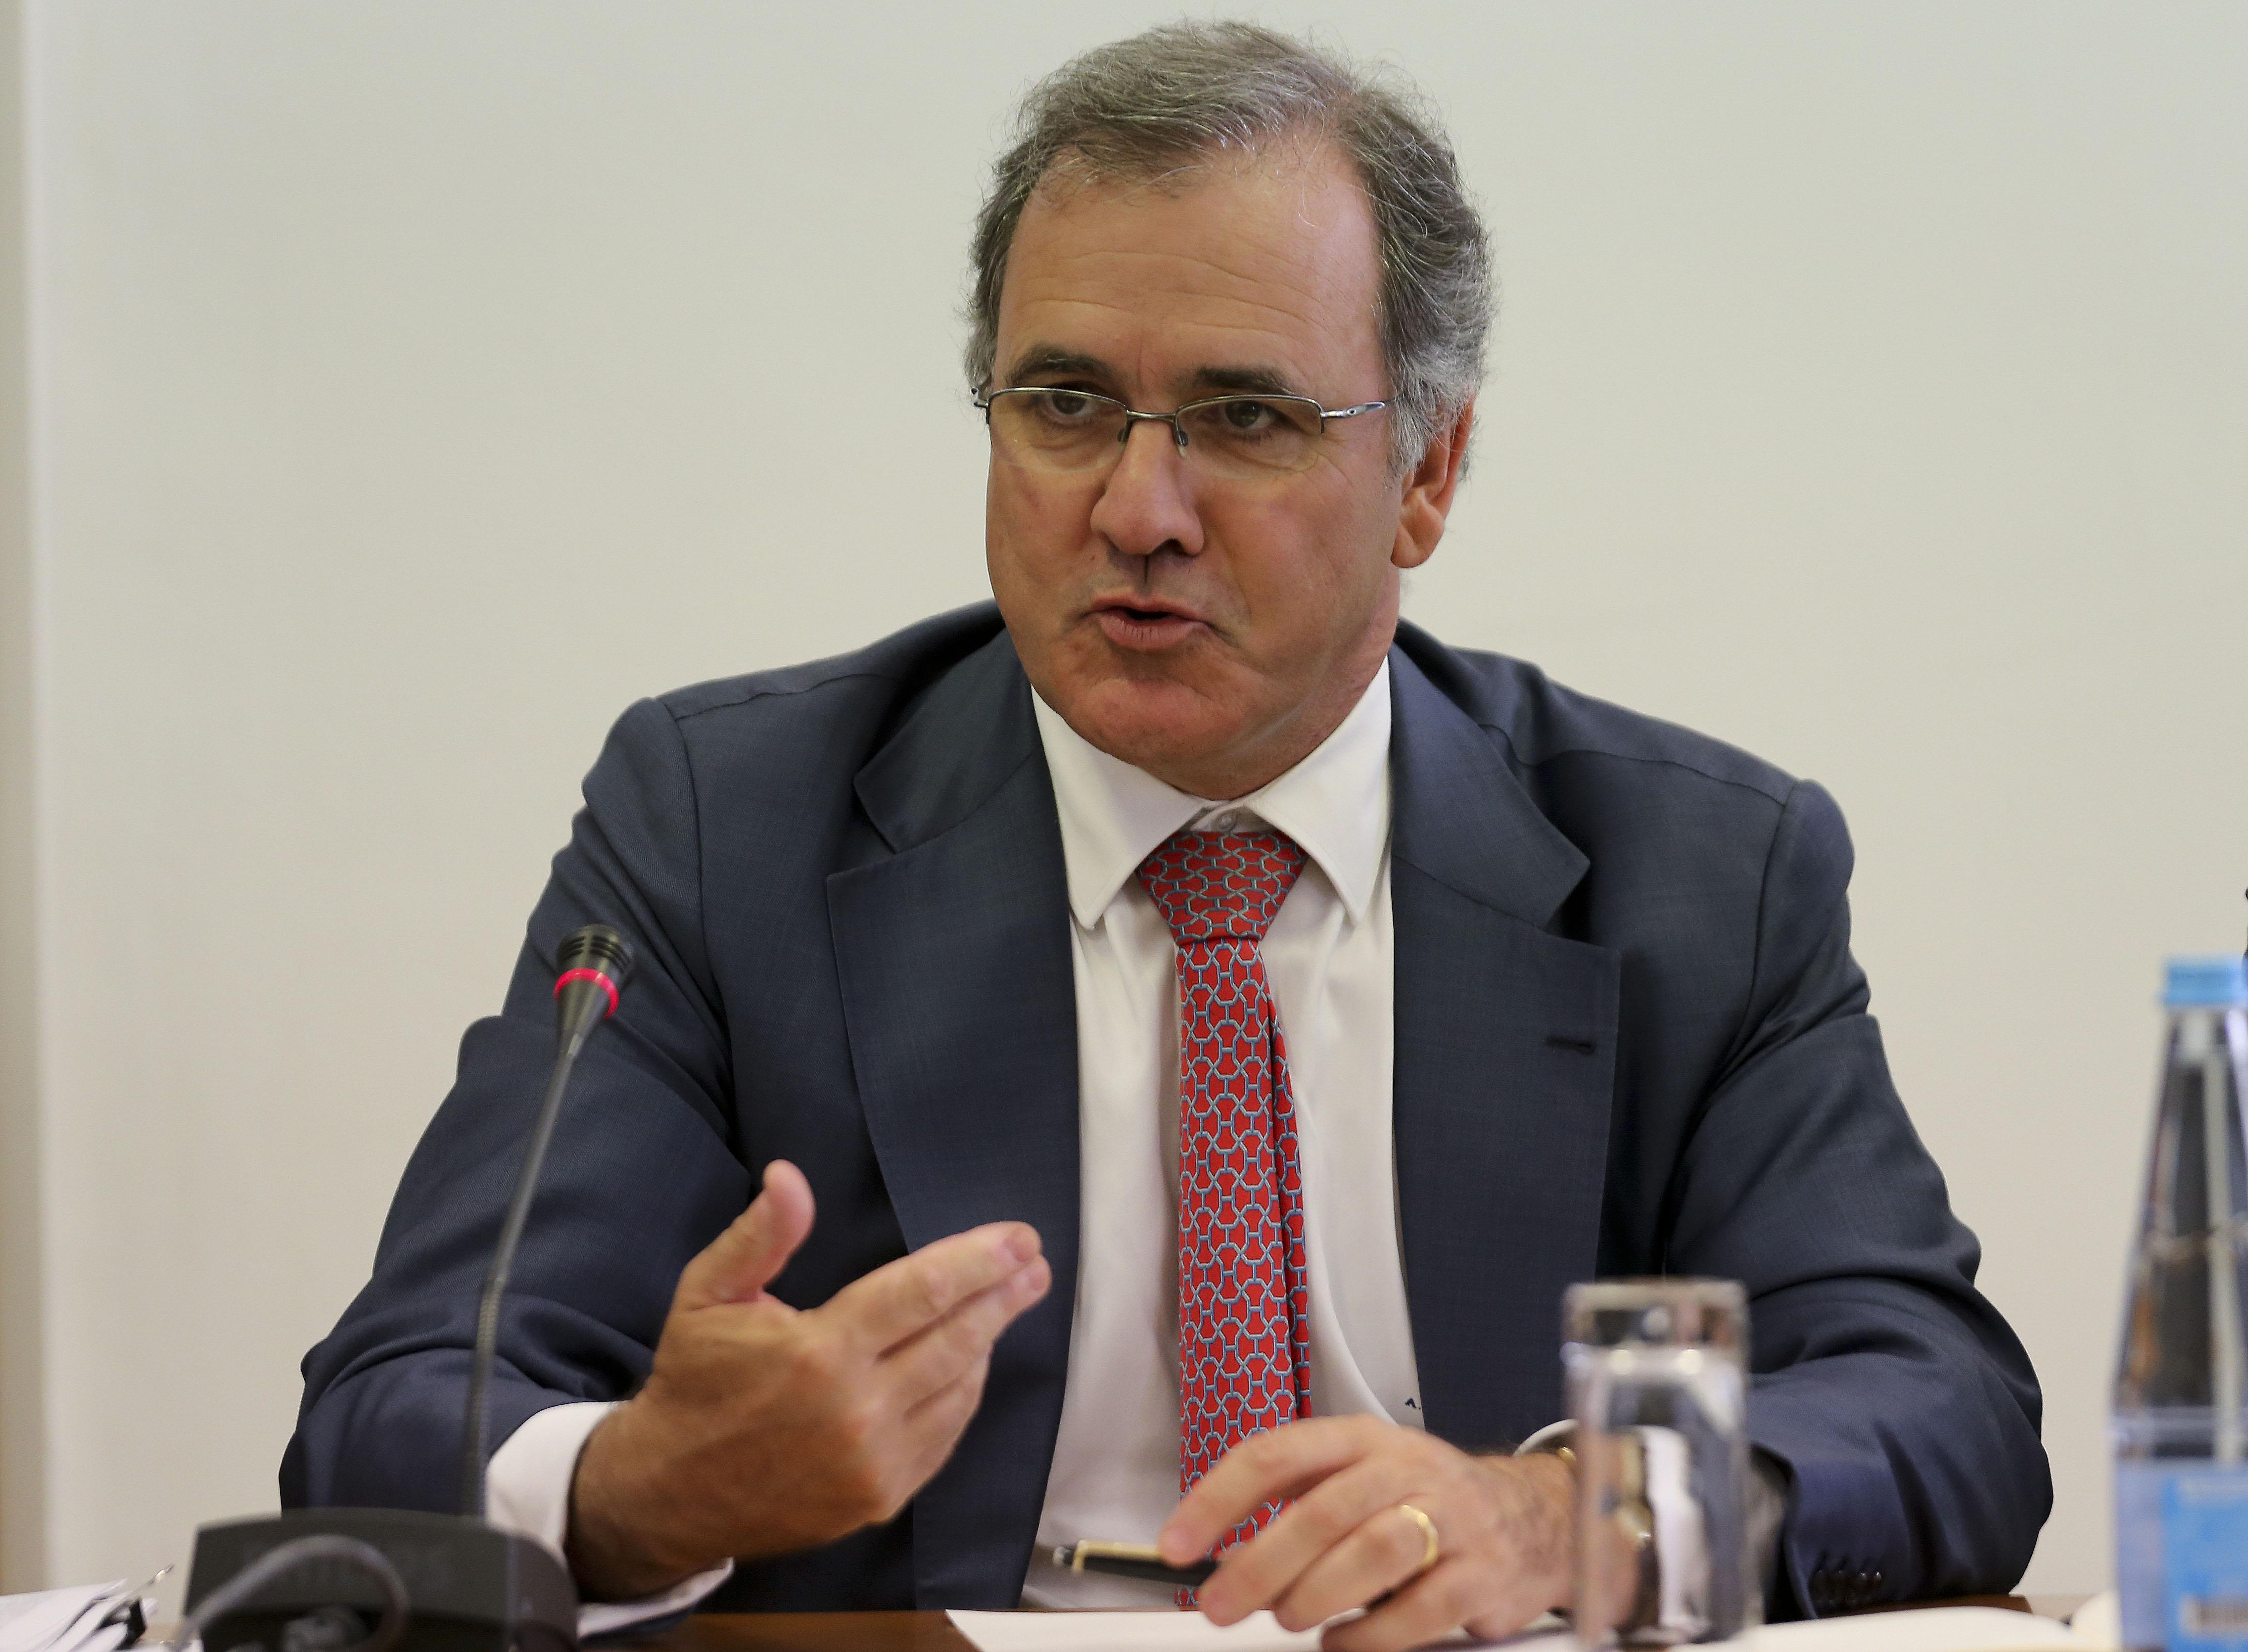 Audição do ex-ministro da Economia, António Pires de Lima, durante a audição sobre vencimentos das entidades reguladoras, a requerimento do PS, e sobre o processo de privatização da TAP, a requerimento do BE, na Assembleia da República, em Lisboa, 26 de abril de 2016. JOÃO RELVAS/LUSA